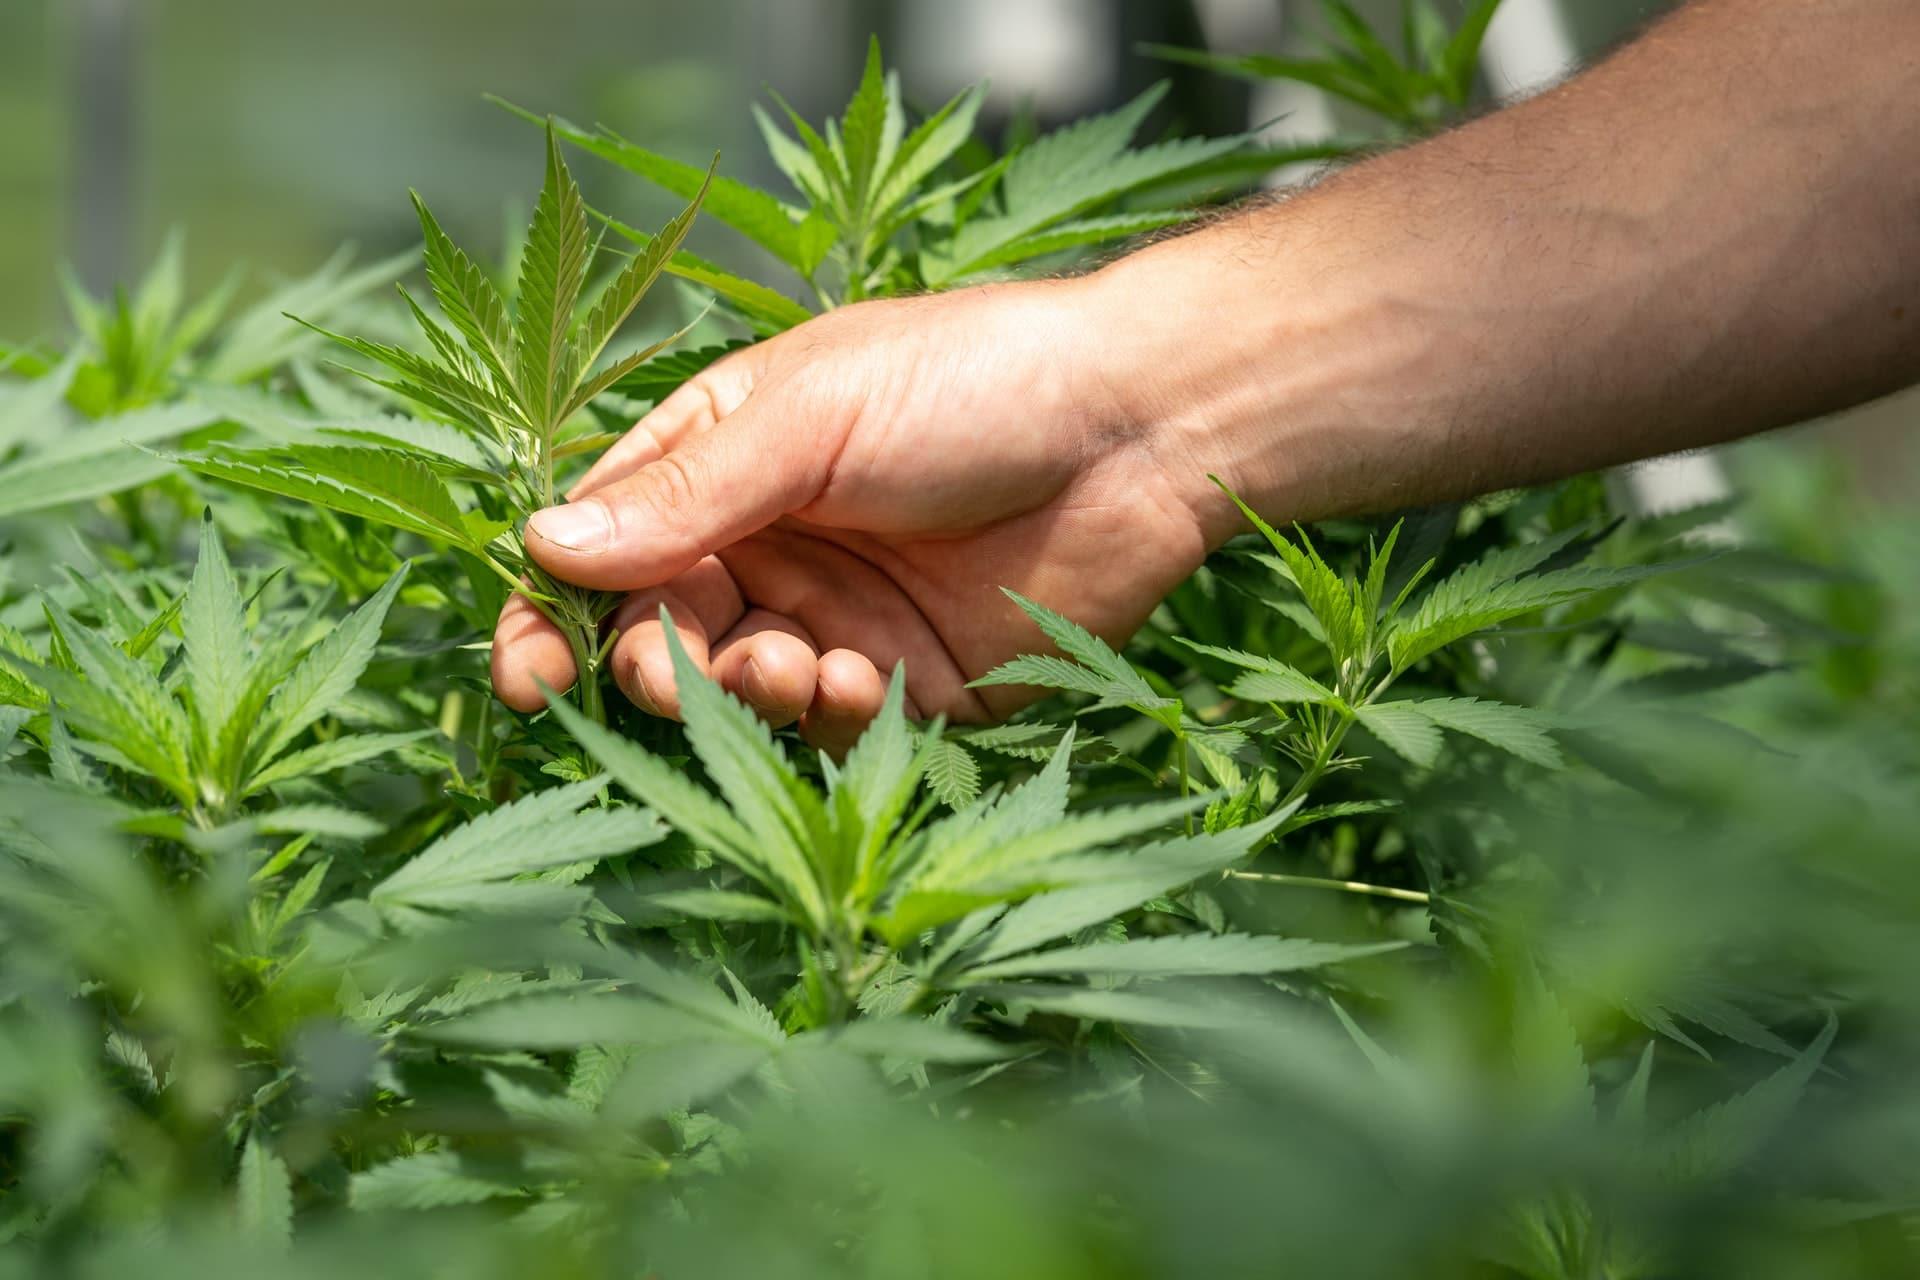 Nación Cannabis | Excesivo autocultivo de marihuana medicinal en Canadá